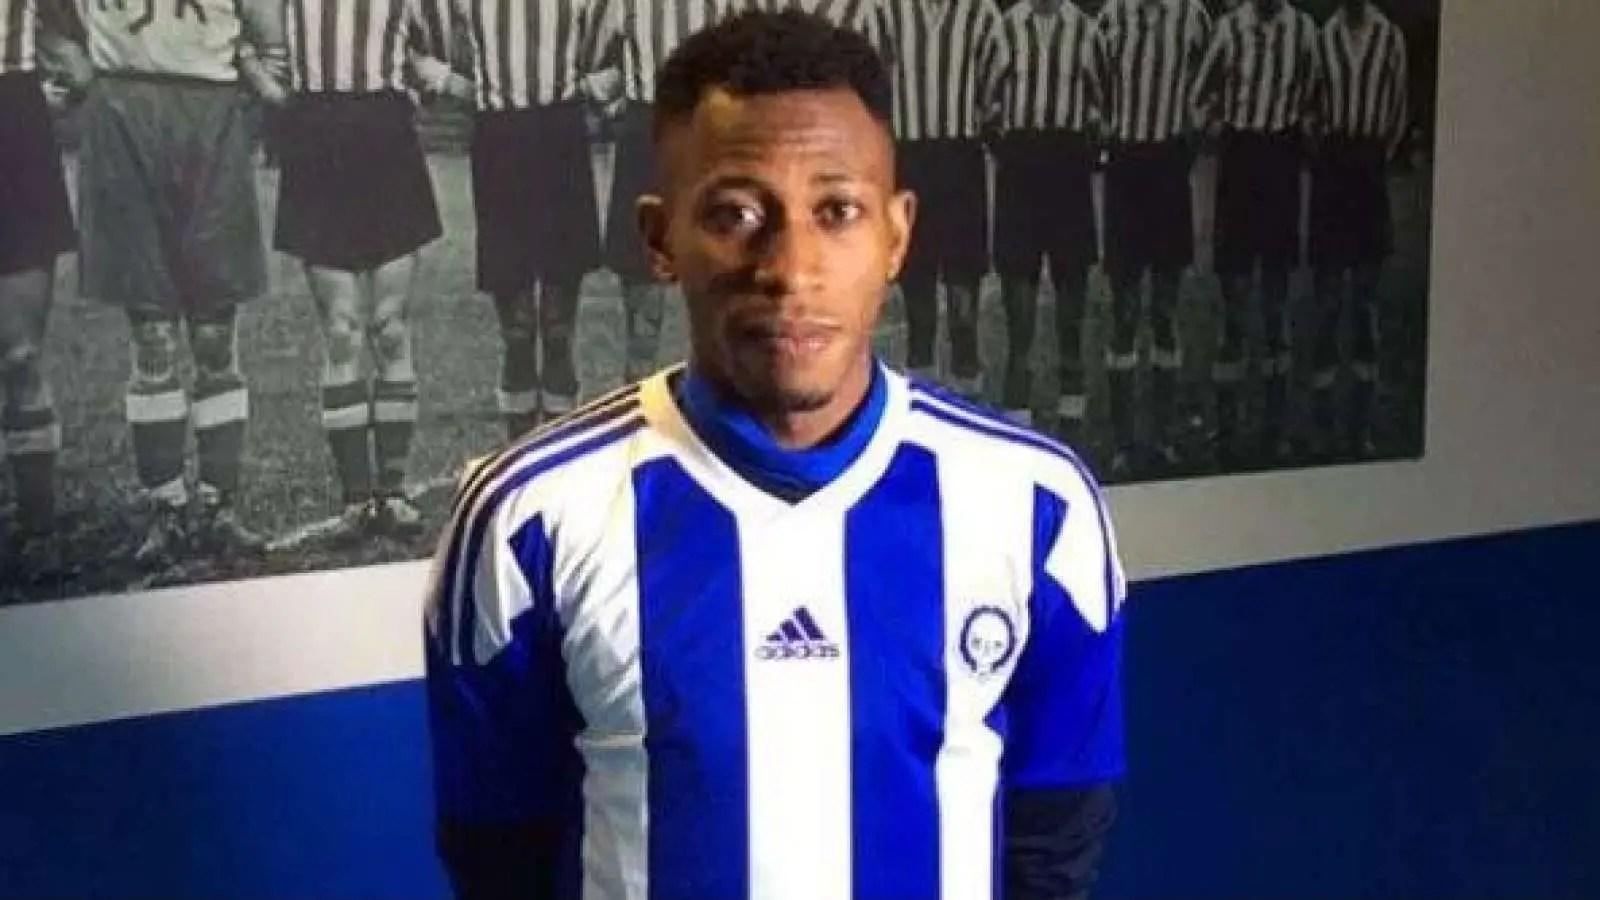 Oduamadi Rues Missed Goal, Eager To Shine ForHelsinki